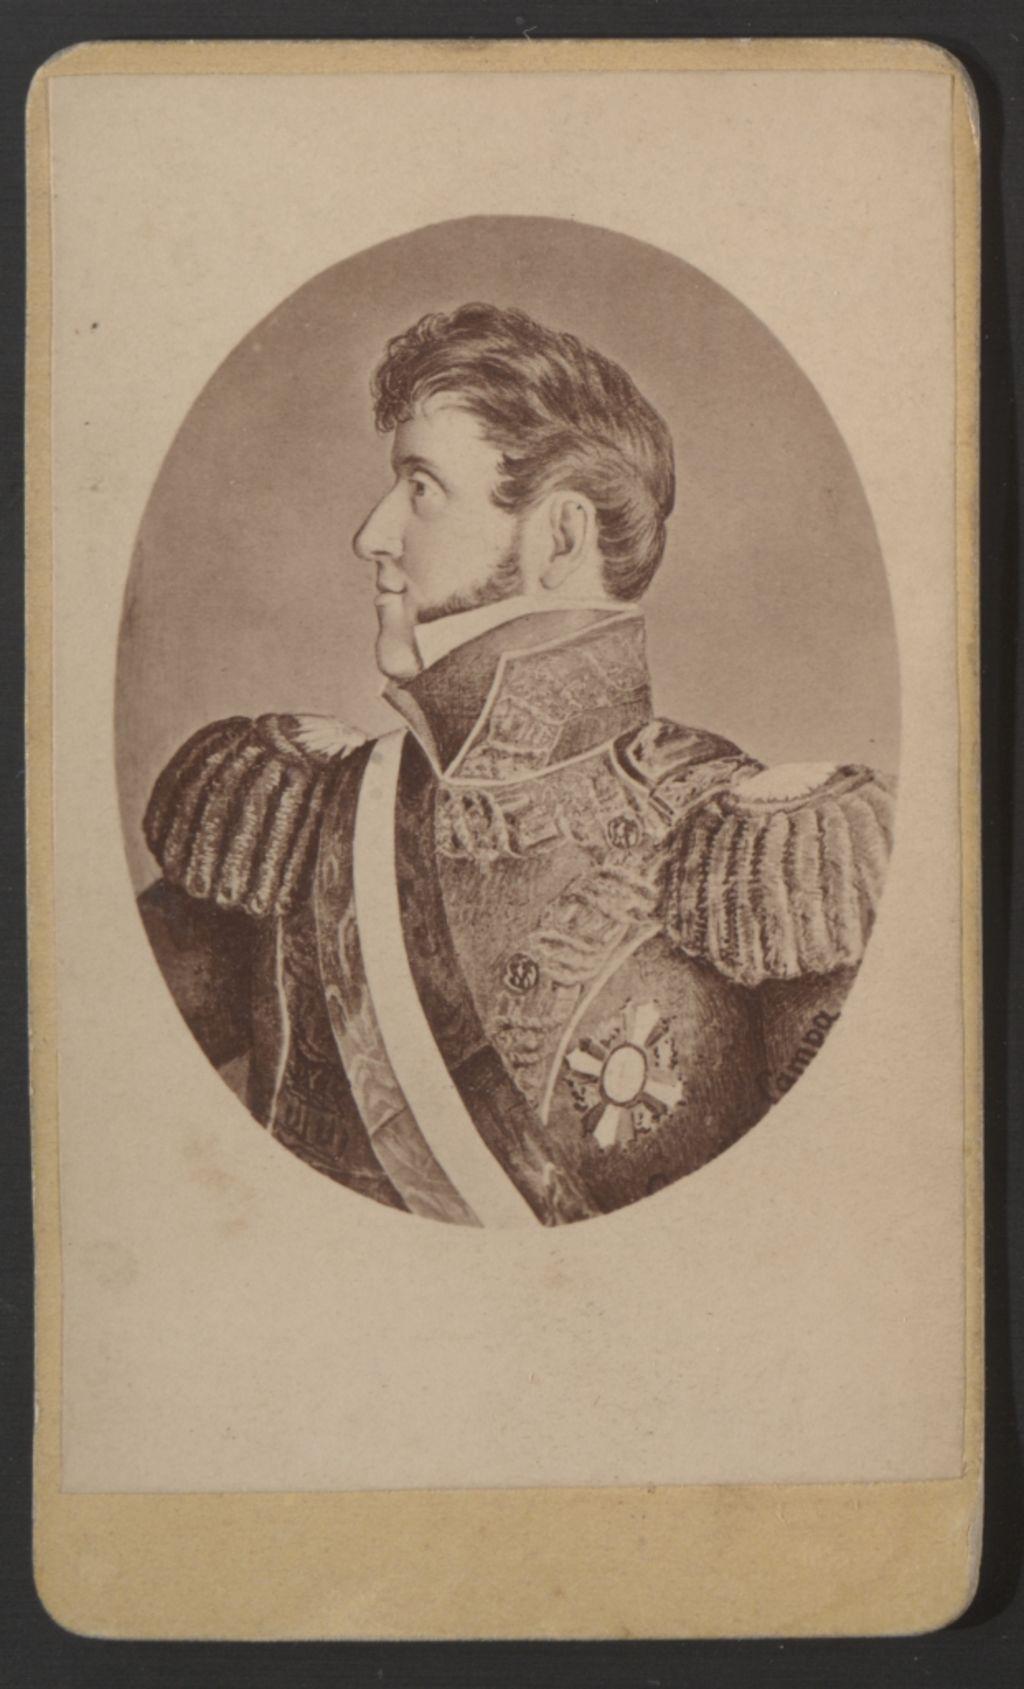 Precursor revolucionario, Príncipe mexicano: Agustín de Iturbide y Green.